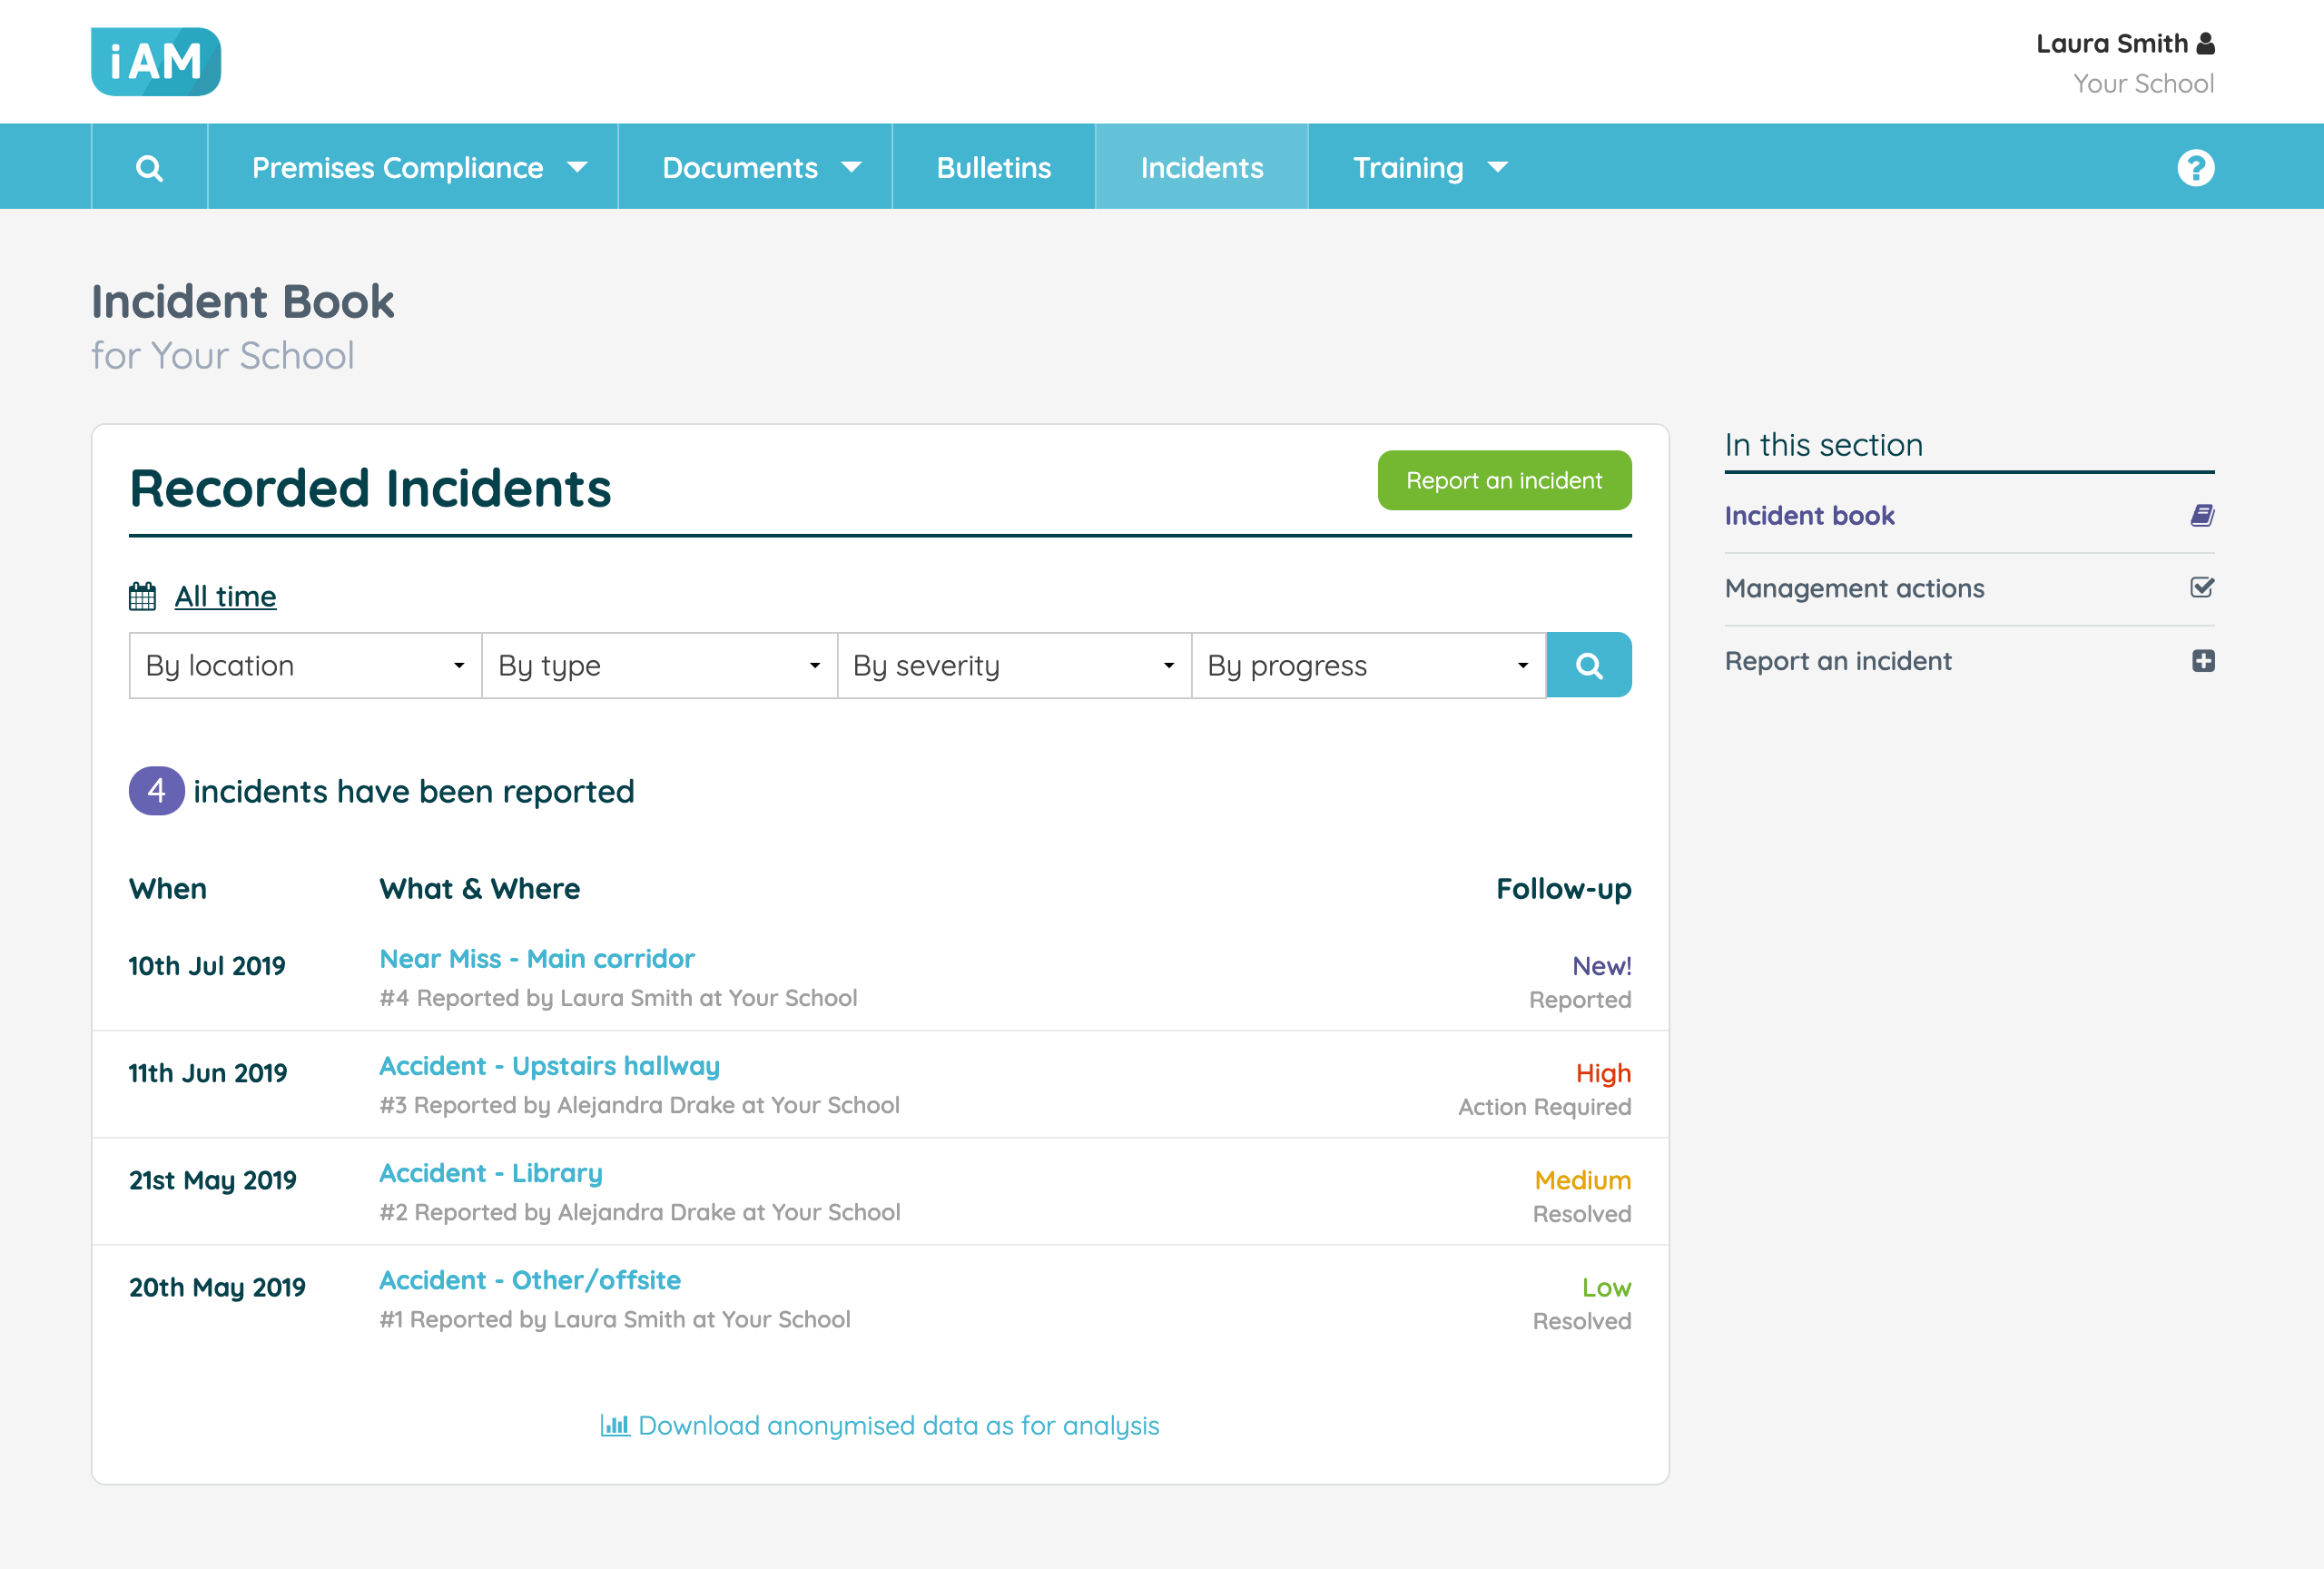 app.iamcompliant.com_1493813943_incident-book